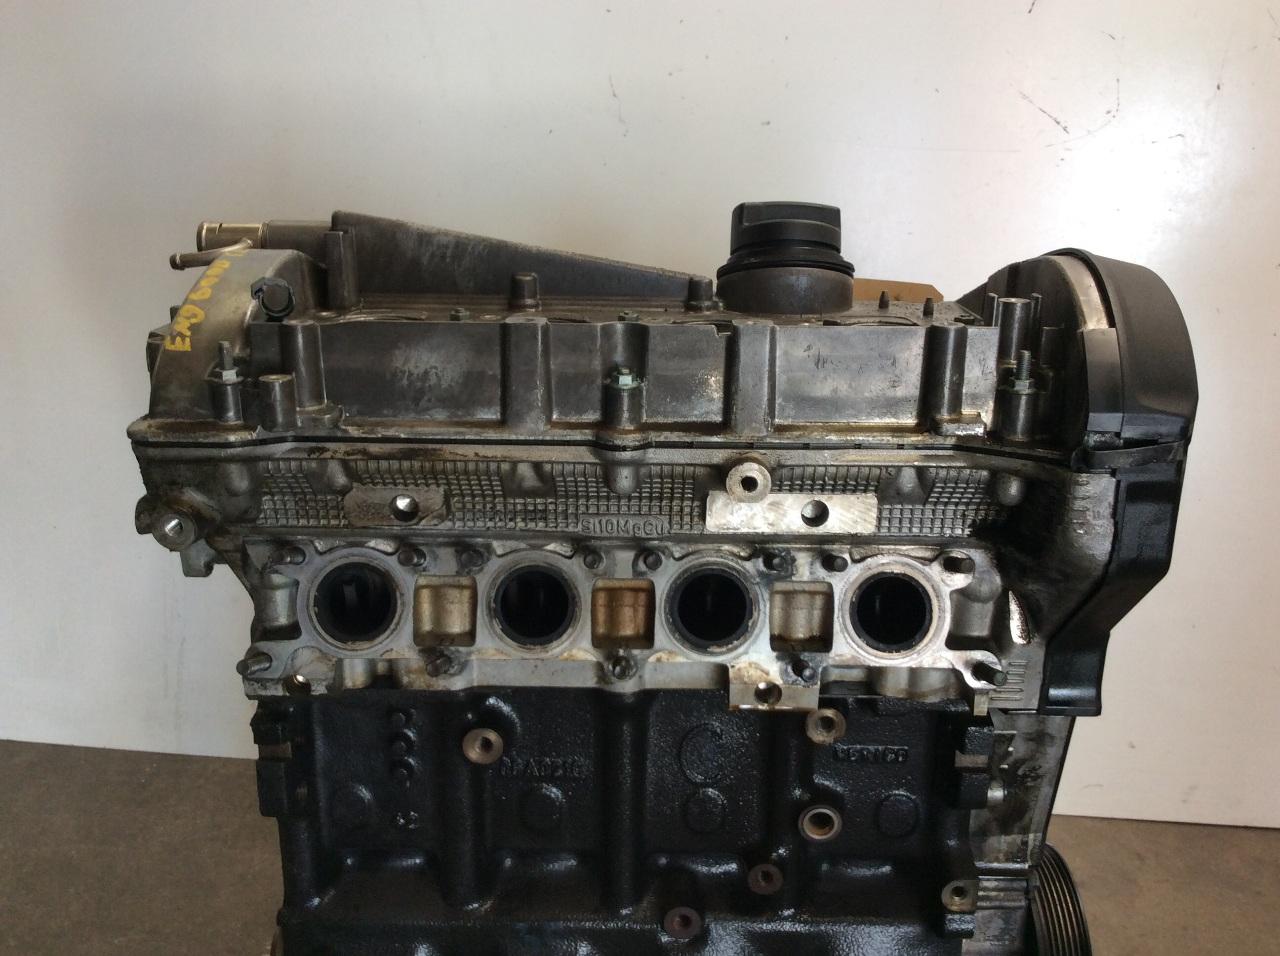 2002 2003 2004 2005 Volkswagen Jetta Gti Audi TT Beetle engine 1.8t AWP motor | eBay